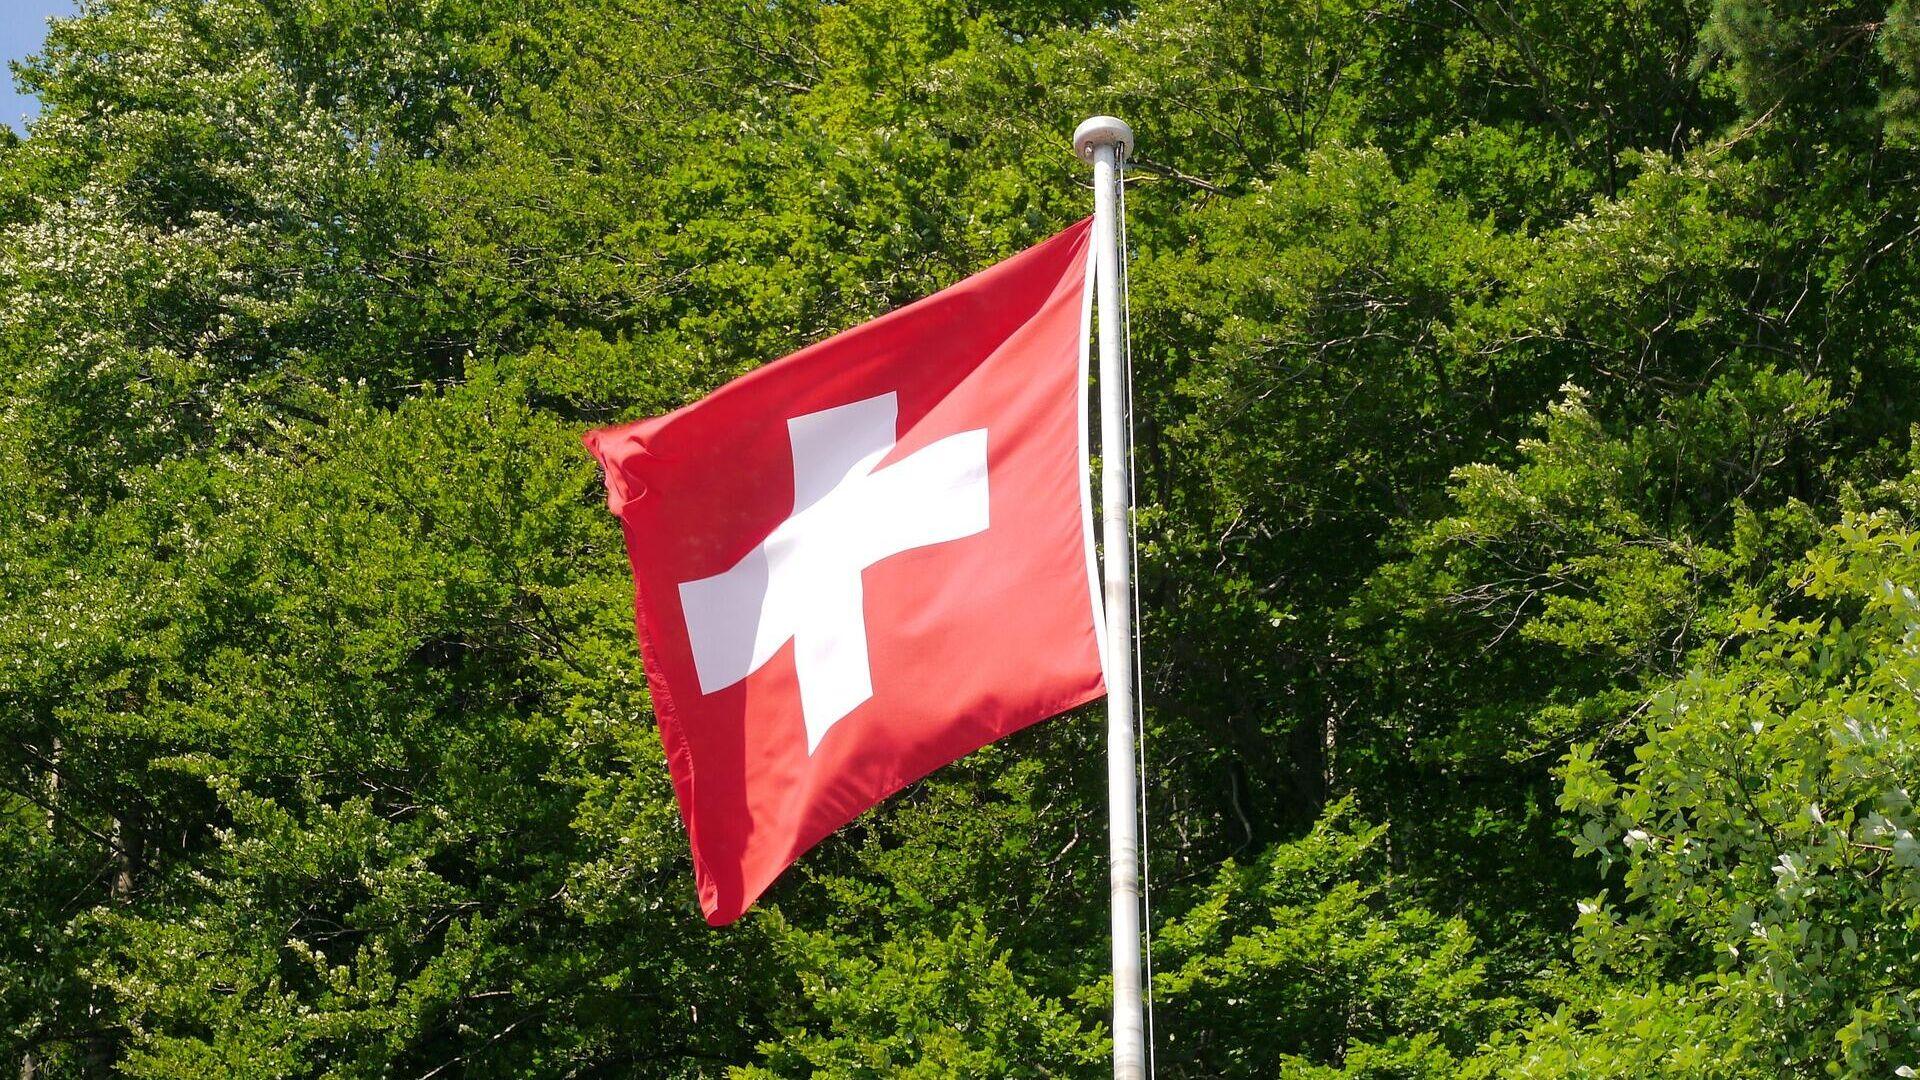 Schweizer Flagge (Symbolbild) - SNA, 1920, 29.09.2021